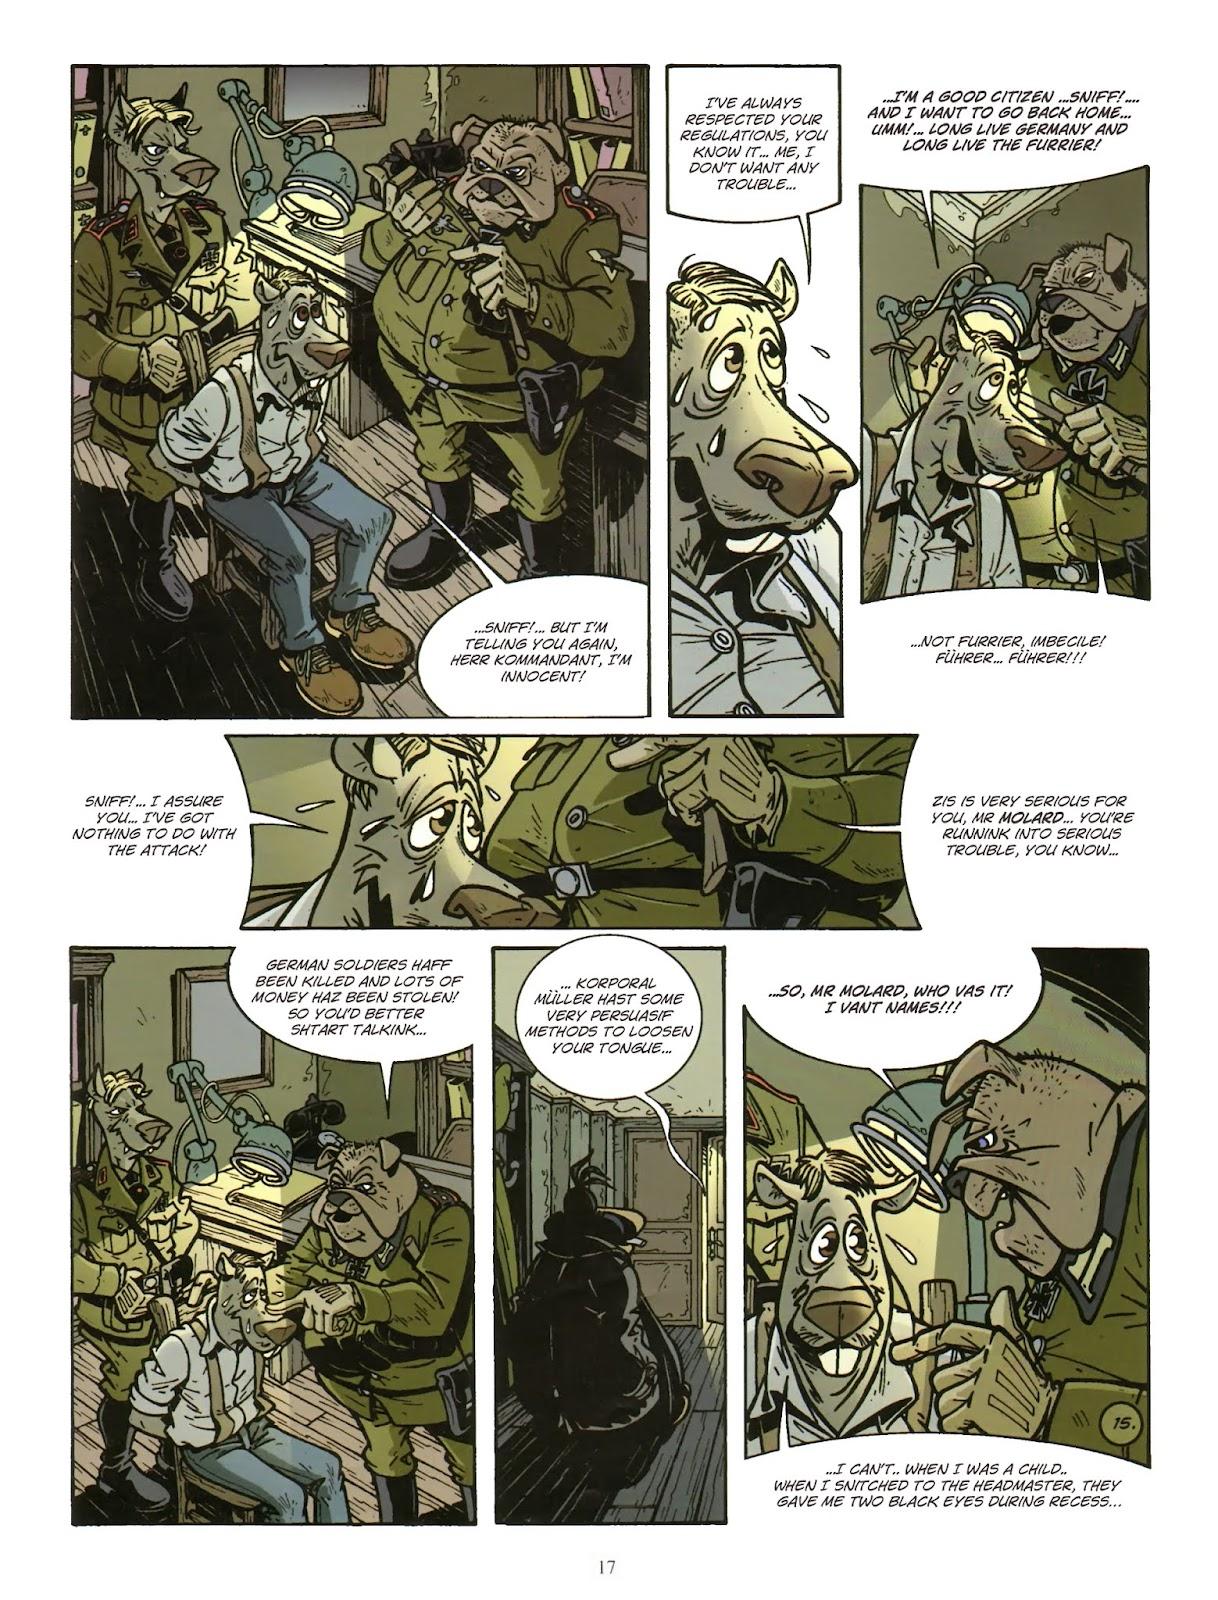 Une enquête de l'inspecteur Canardo issue 11 - Page 18